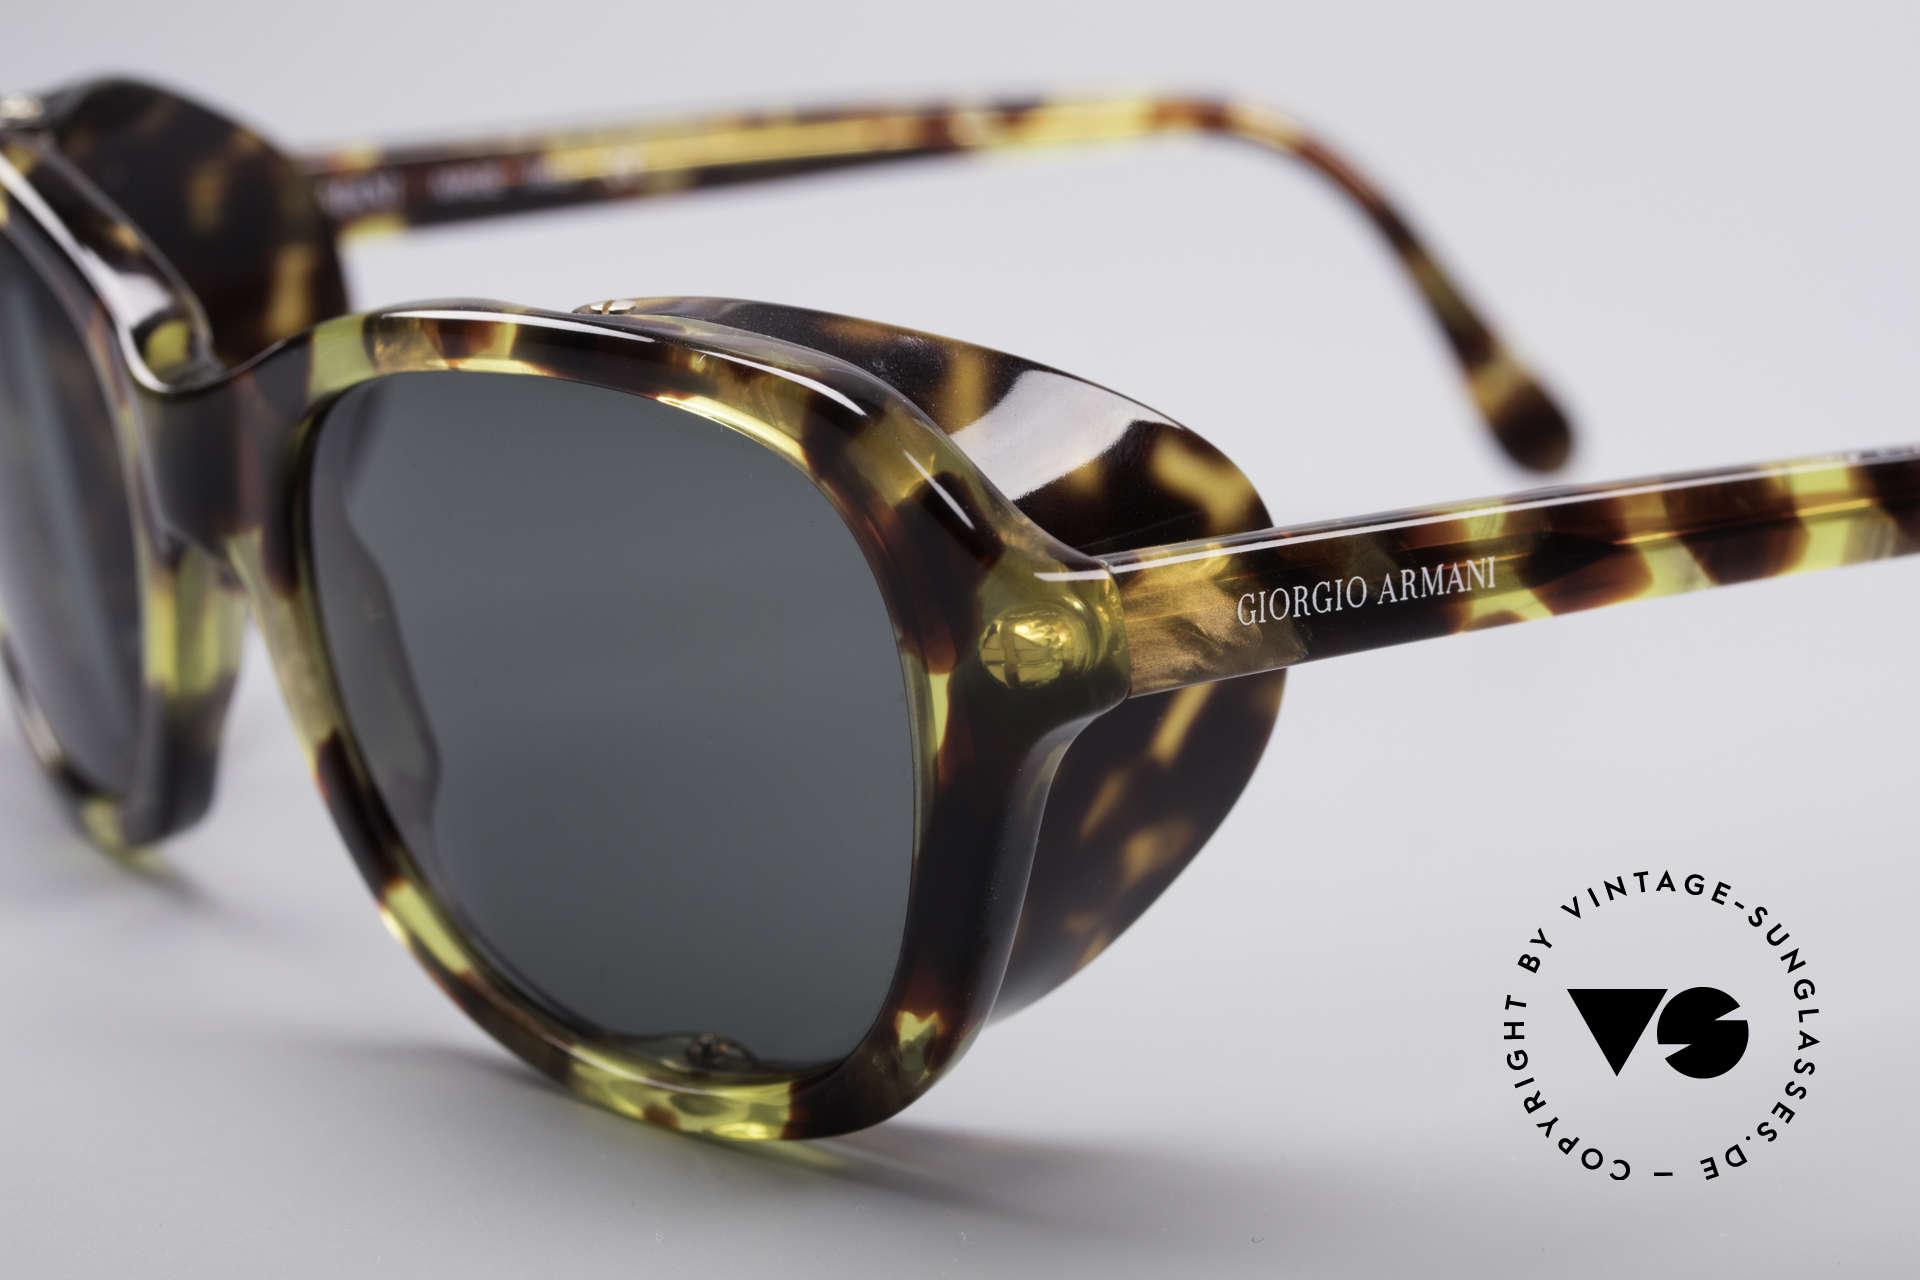 Giorgio Armani 826 No Retro Sonnenbrille 90er, ein wirklich interessantes Modell in einer kleiner Größe, Passend für Damen